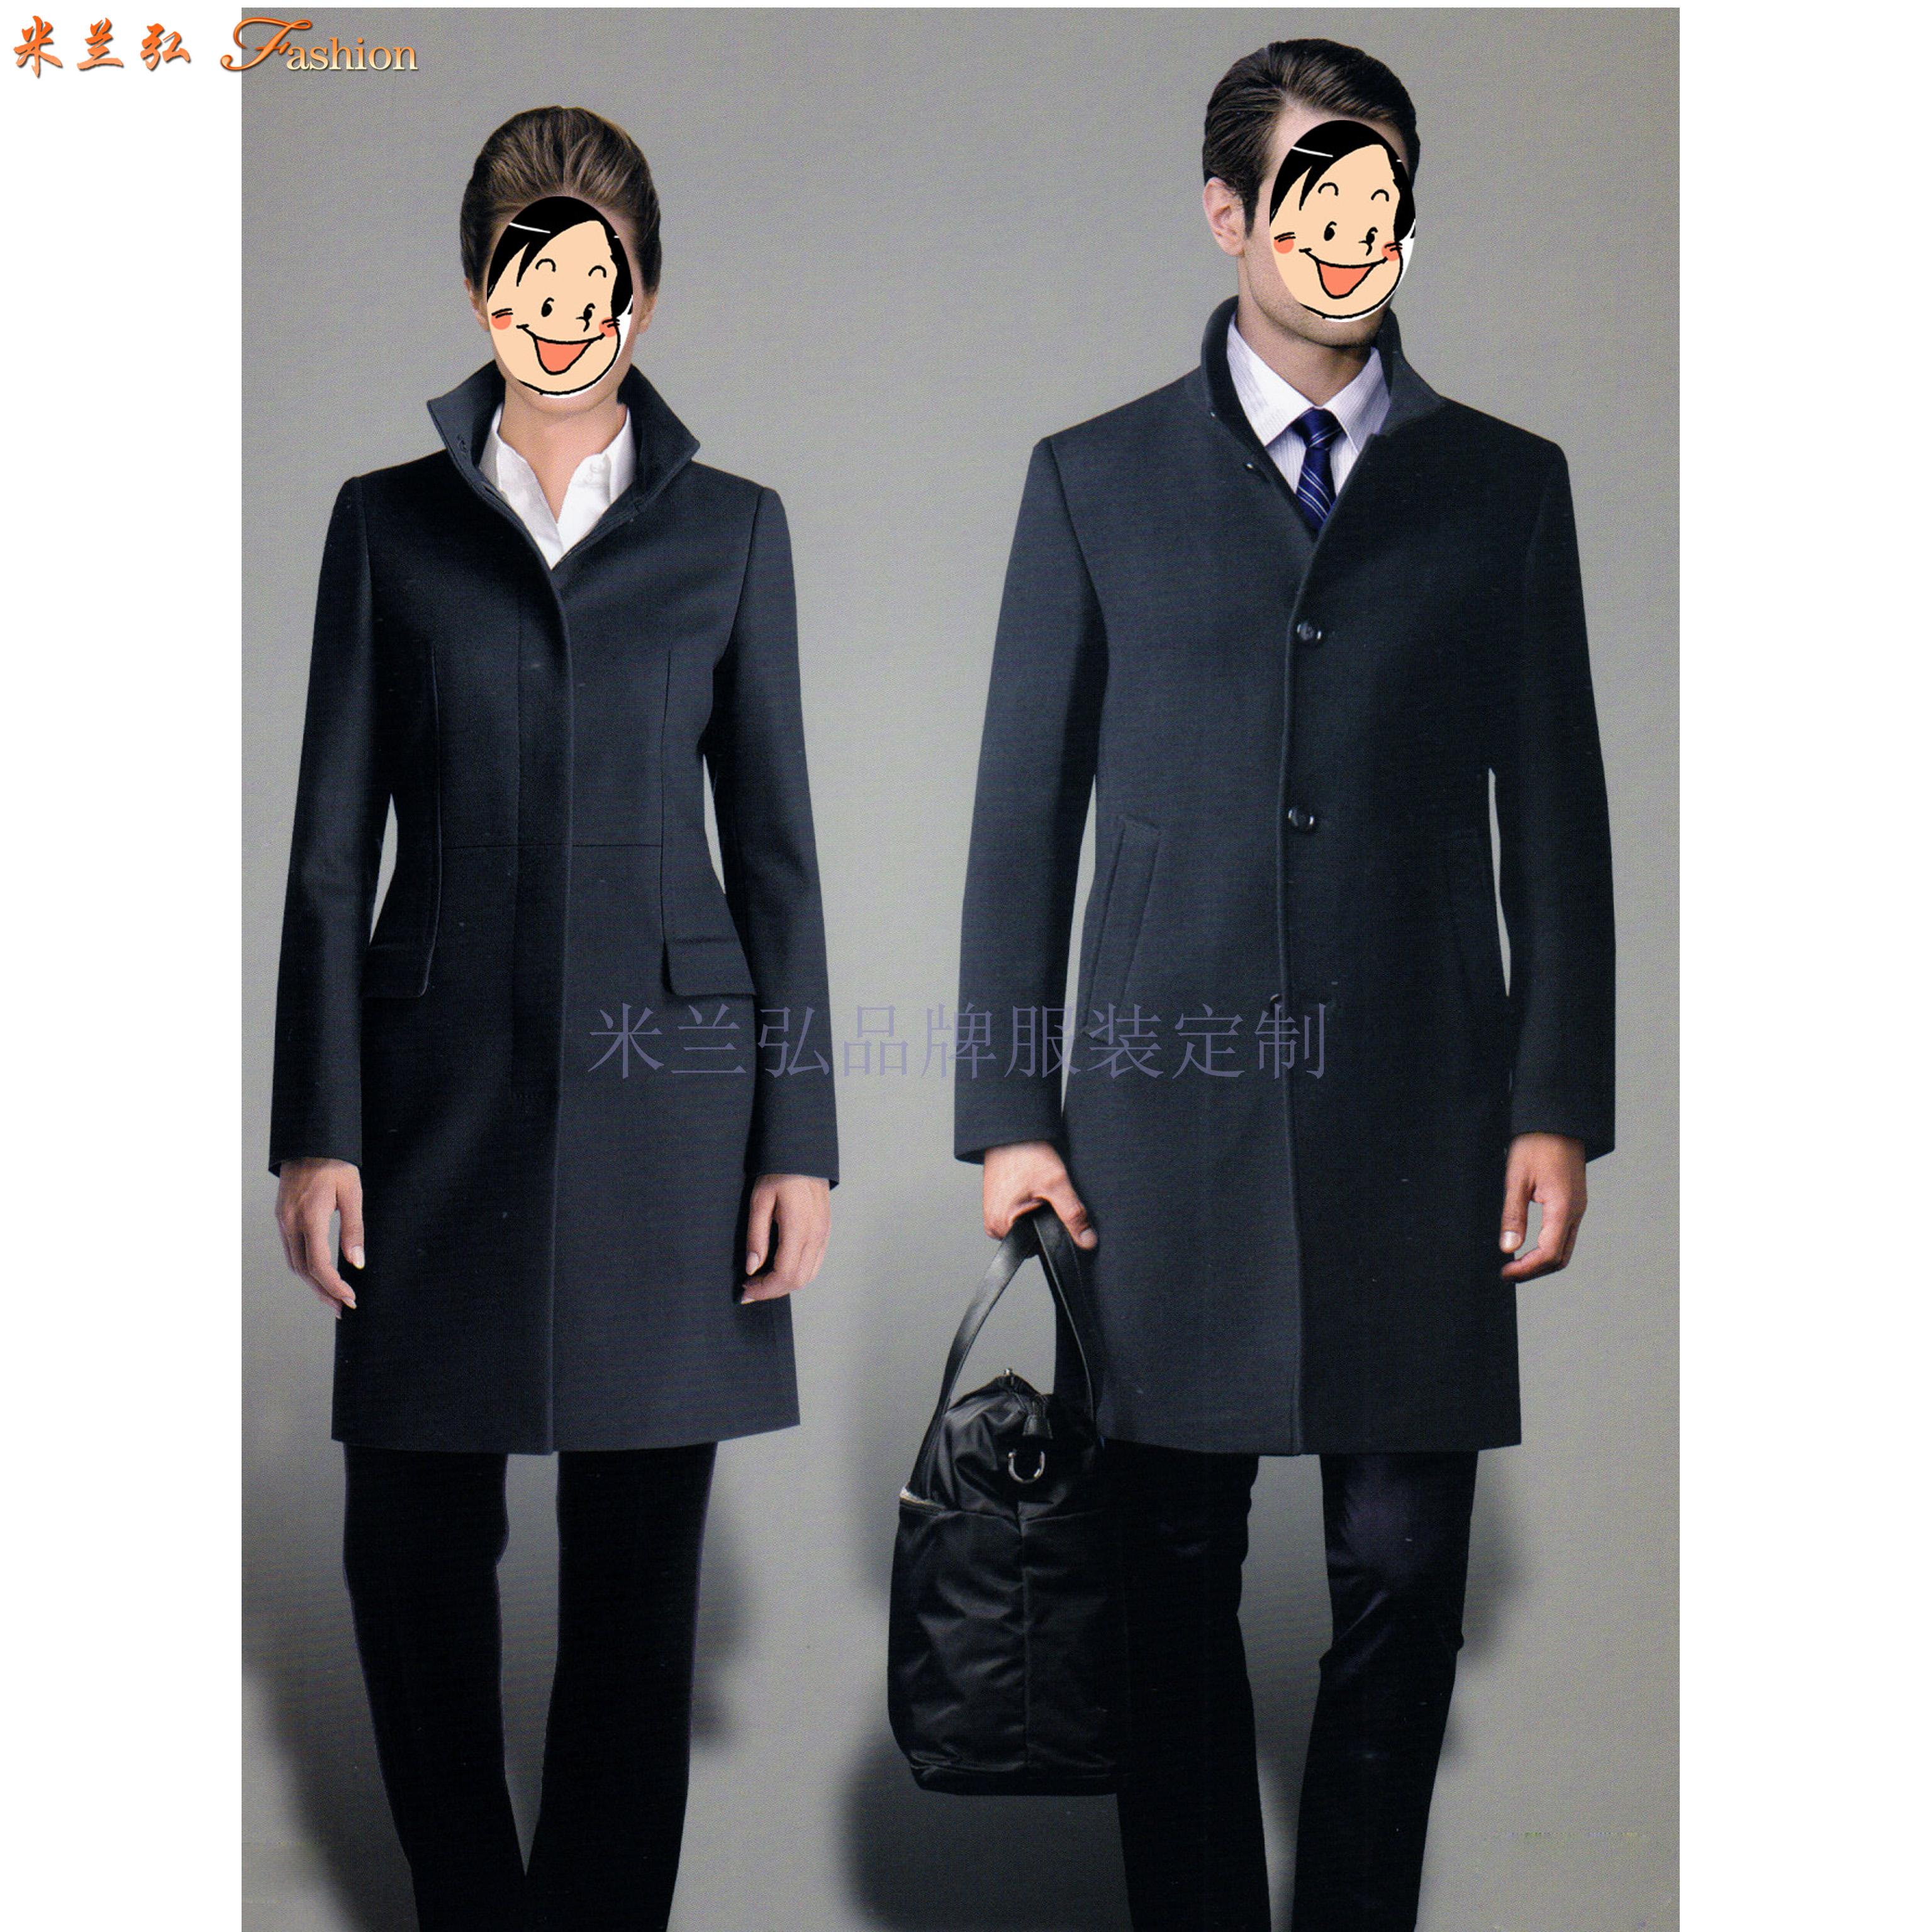 「北京毛呢男女大衣定制」哪家好,怎么樣定做-TOP米蘭弘大衣-2